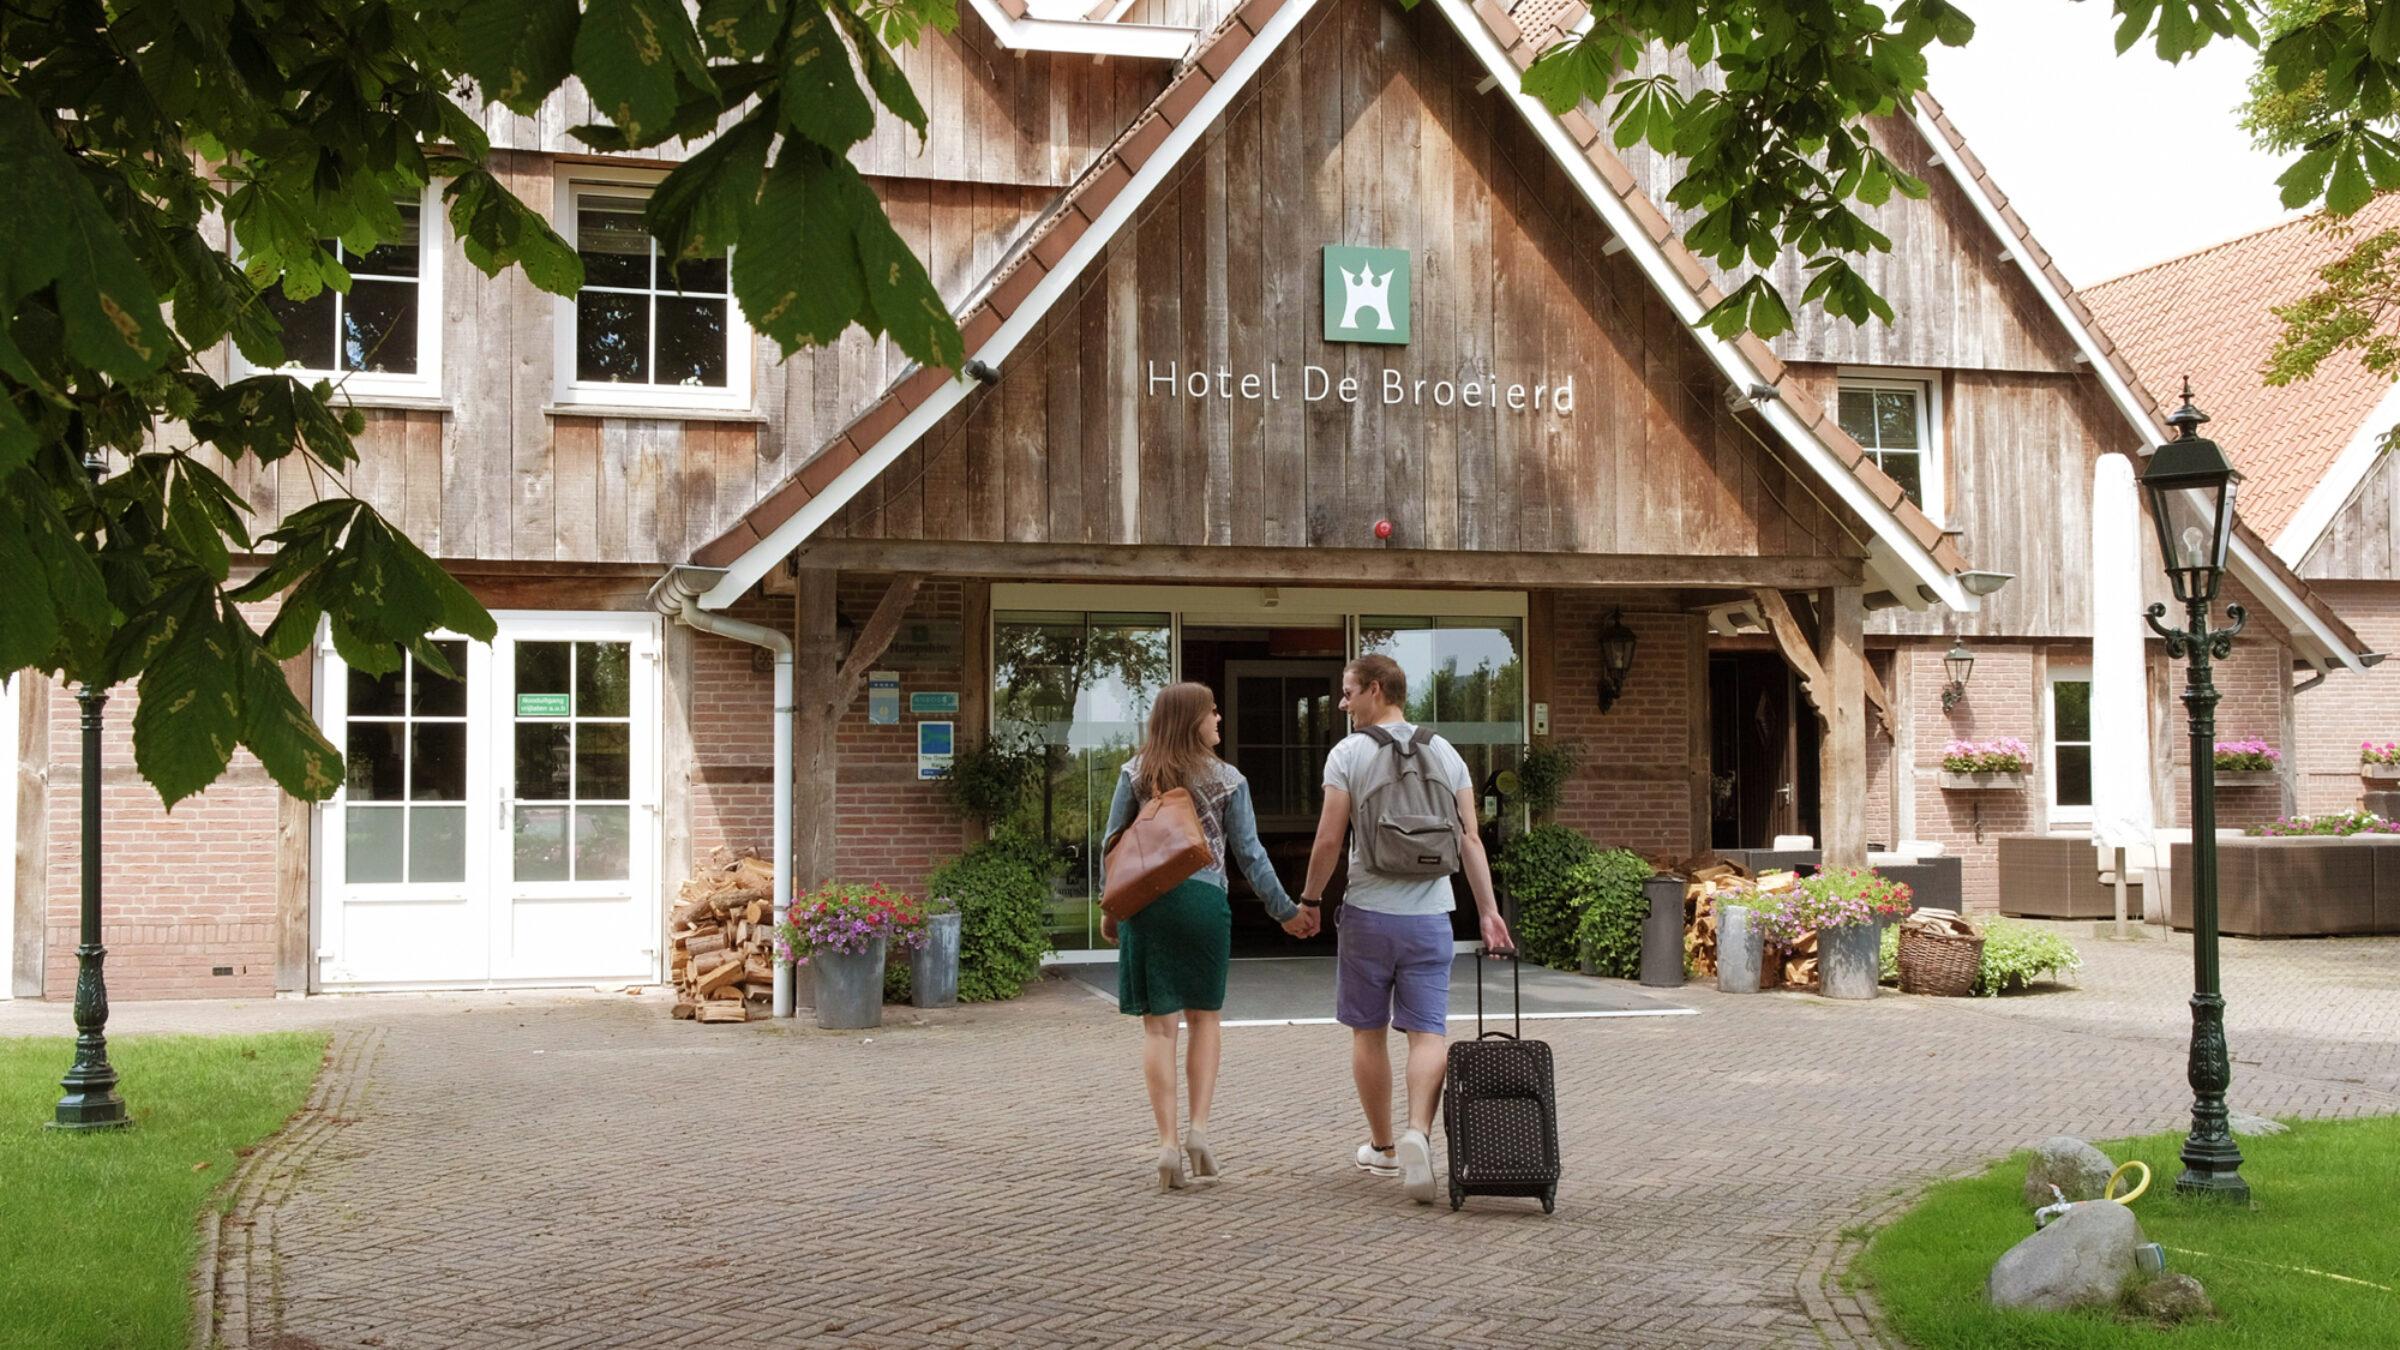 2018 Eden Hotel de Broeierd overnachten 3220 1560851282 mtime3 D20190618114806